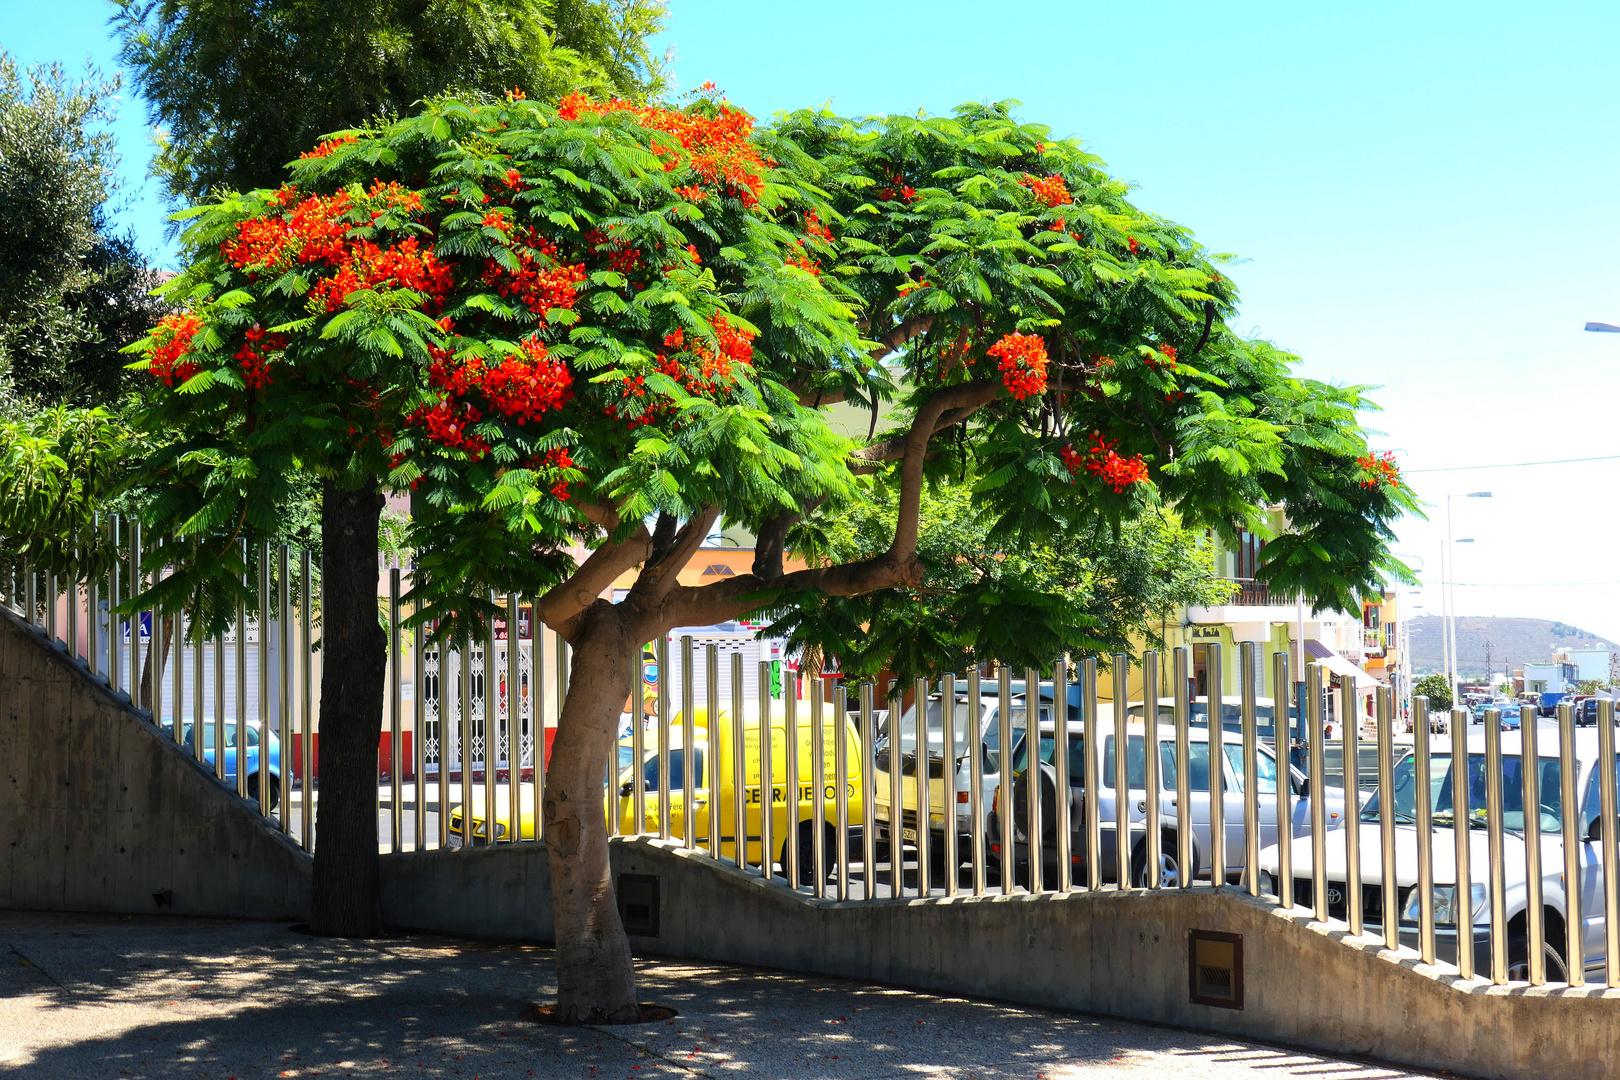 Los Llanos - Parque Antonio Gomez Felipe - Der Flammenbaum - 2019 1